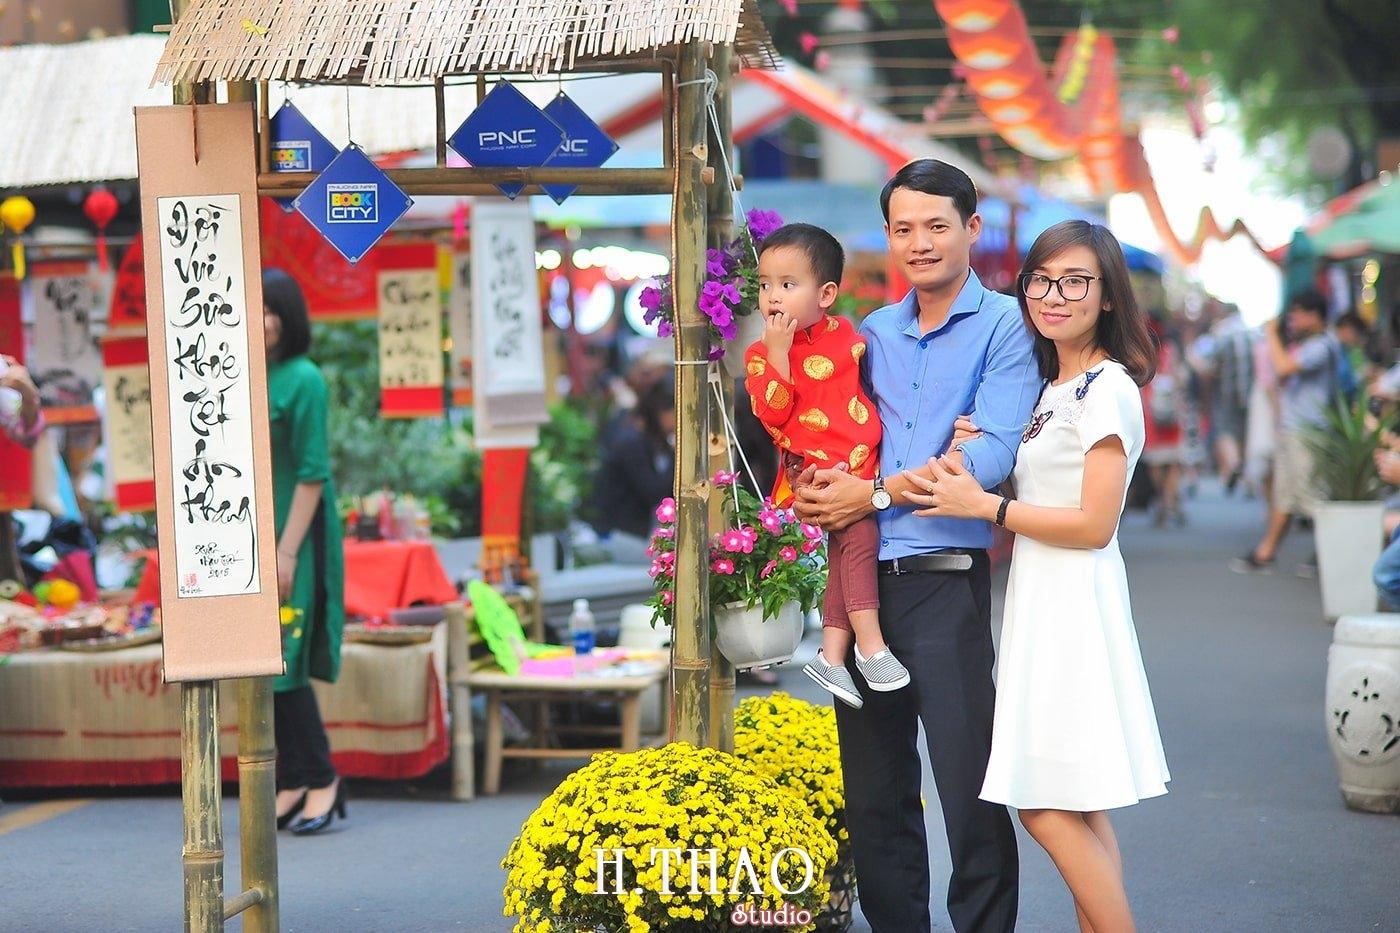 Anh gia dinh anh phong 3 - Ảnh chụp gia đình anh Phong Hồ, Quận 1 Tp.HCM